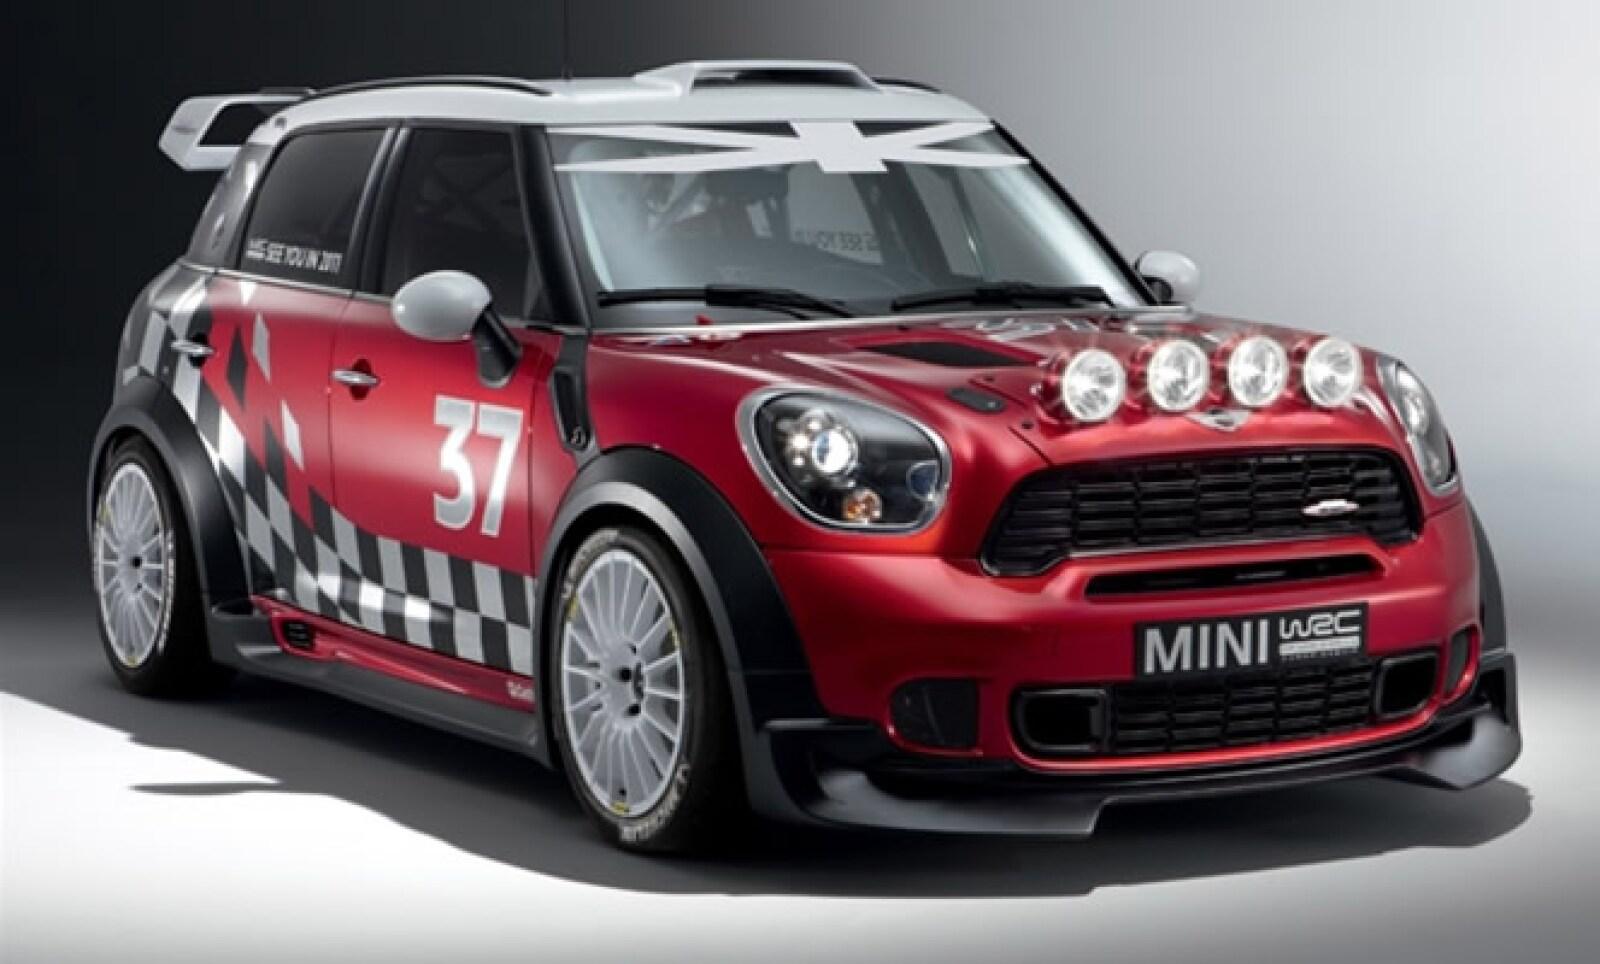 La marca de origen británico presentó el vehículo con el que participará desde el año que viene en el Campeonato Mundial De Rally.